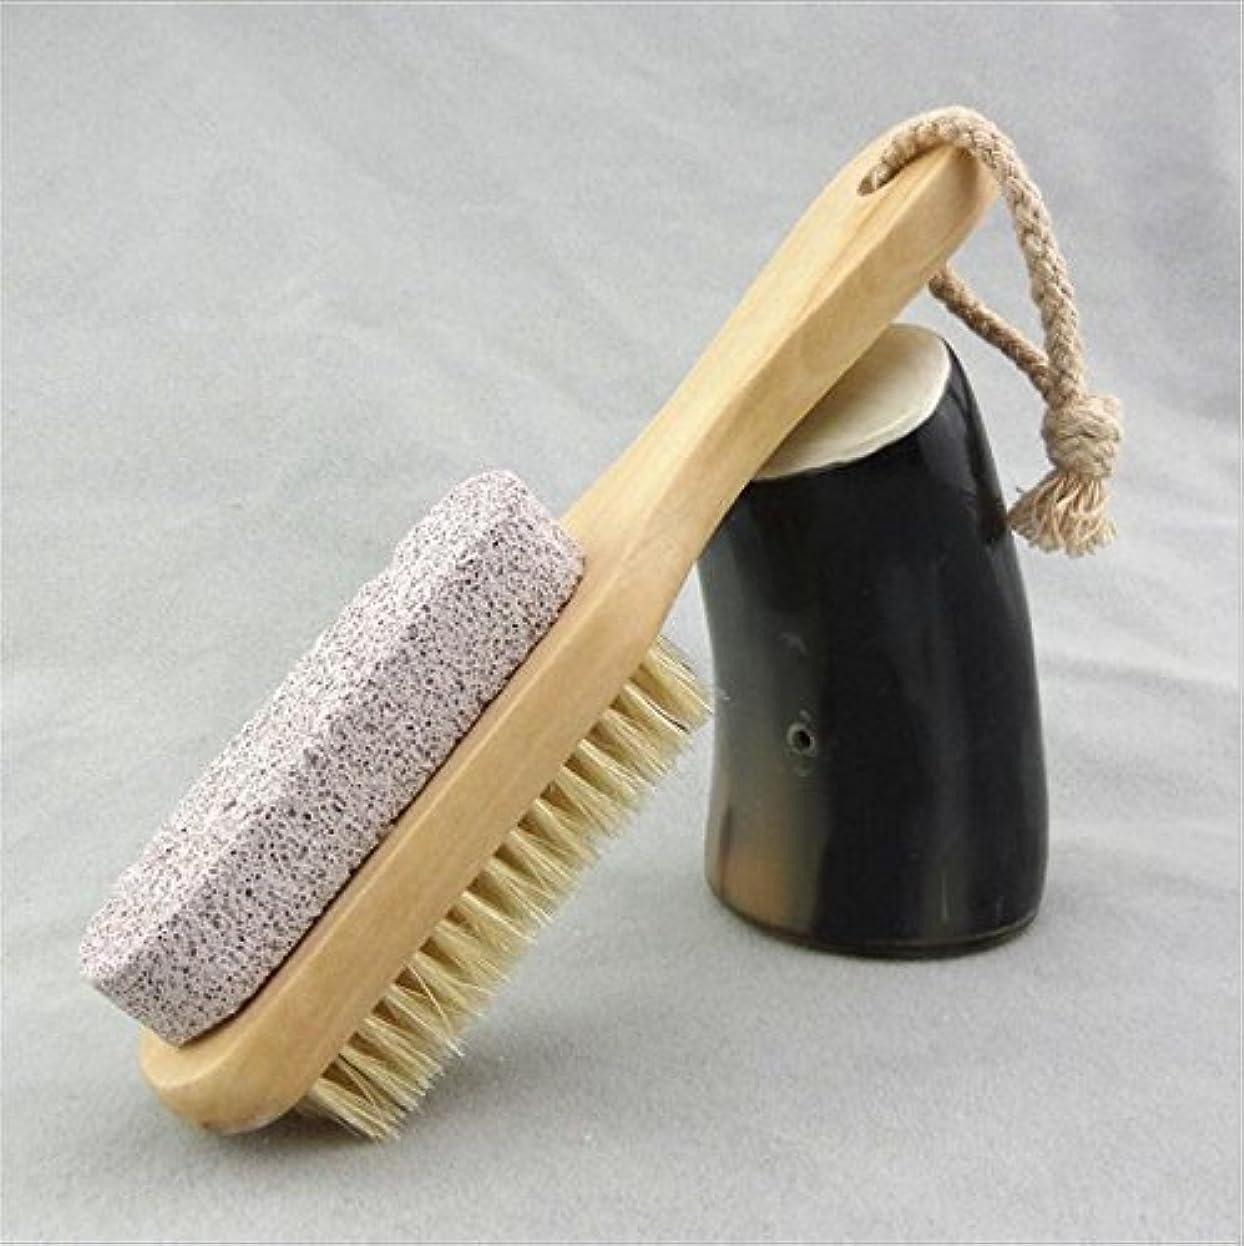 熟読見るラップトップBigmind 足軽石の足爪ブラシ 角質除去 天然毛 足爪 かかと削り フット用品 ブラシフットケア かかとキレイフットブラシ